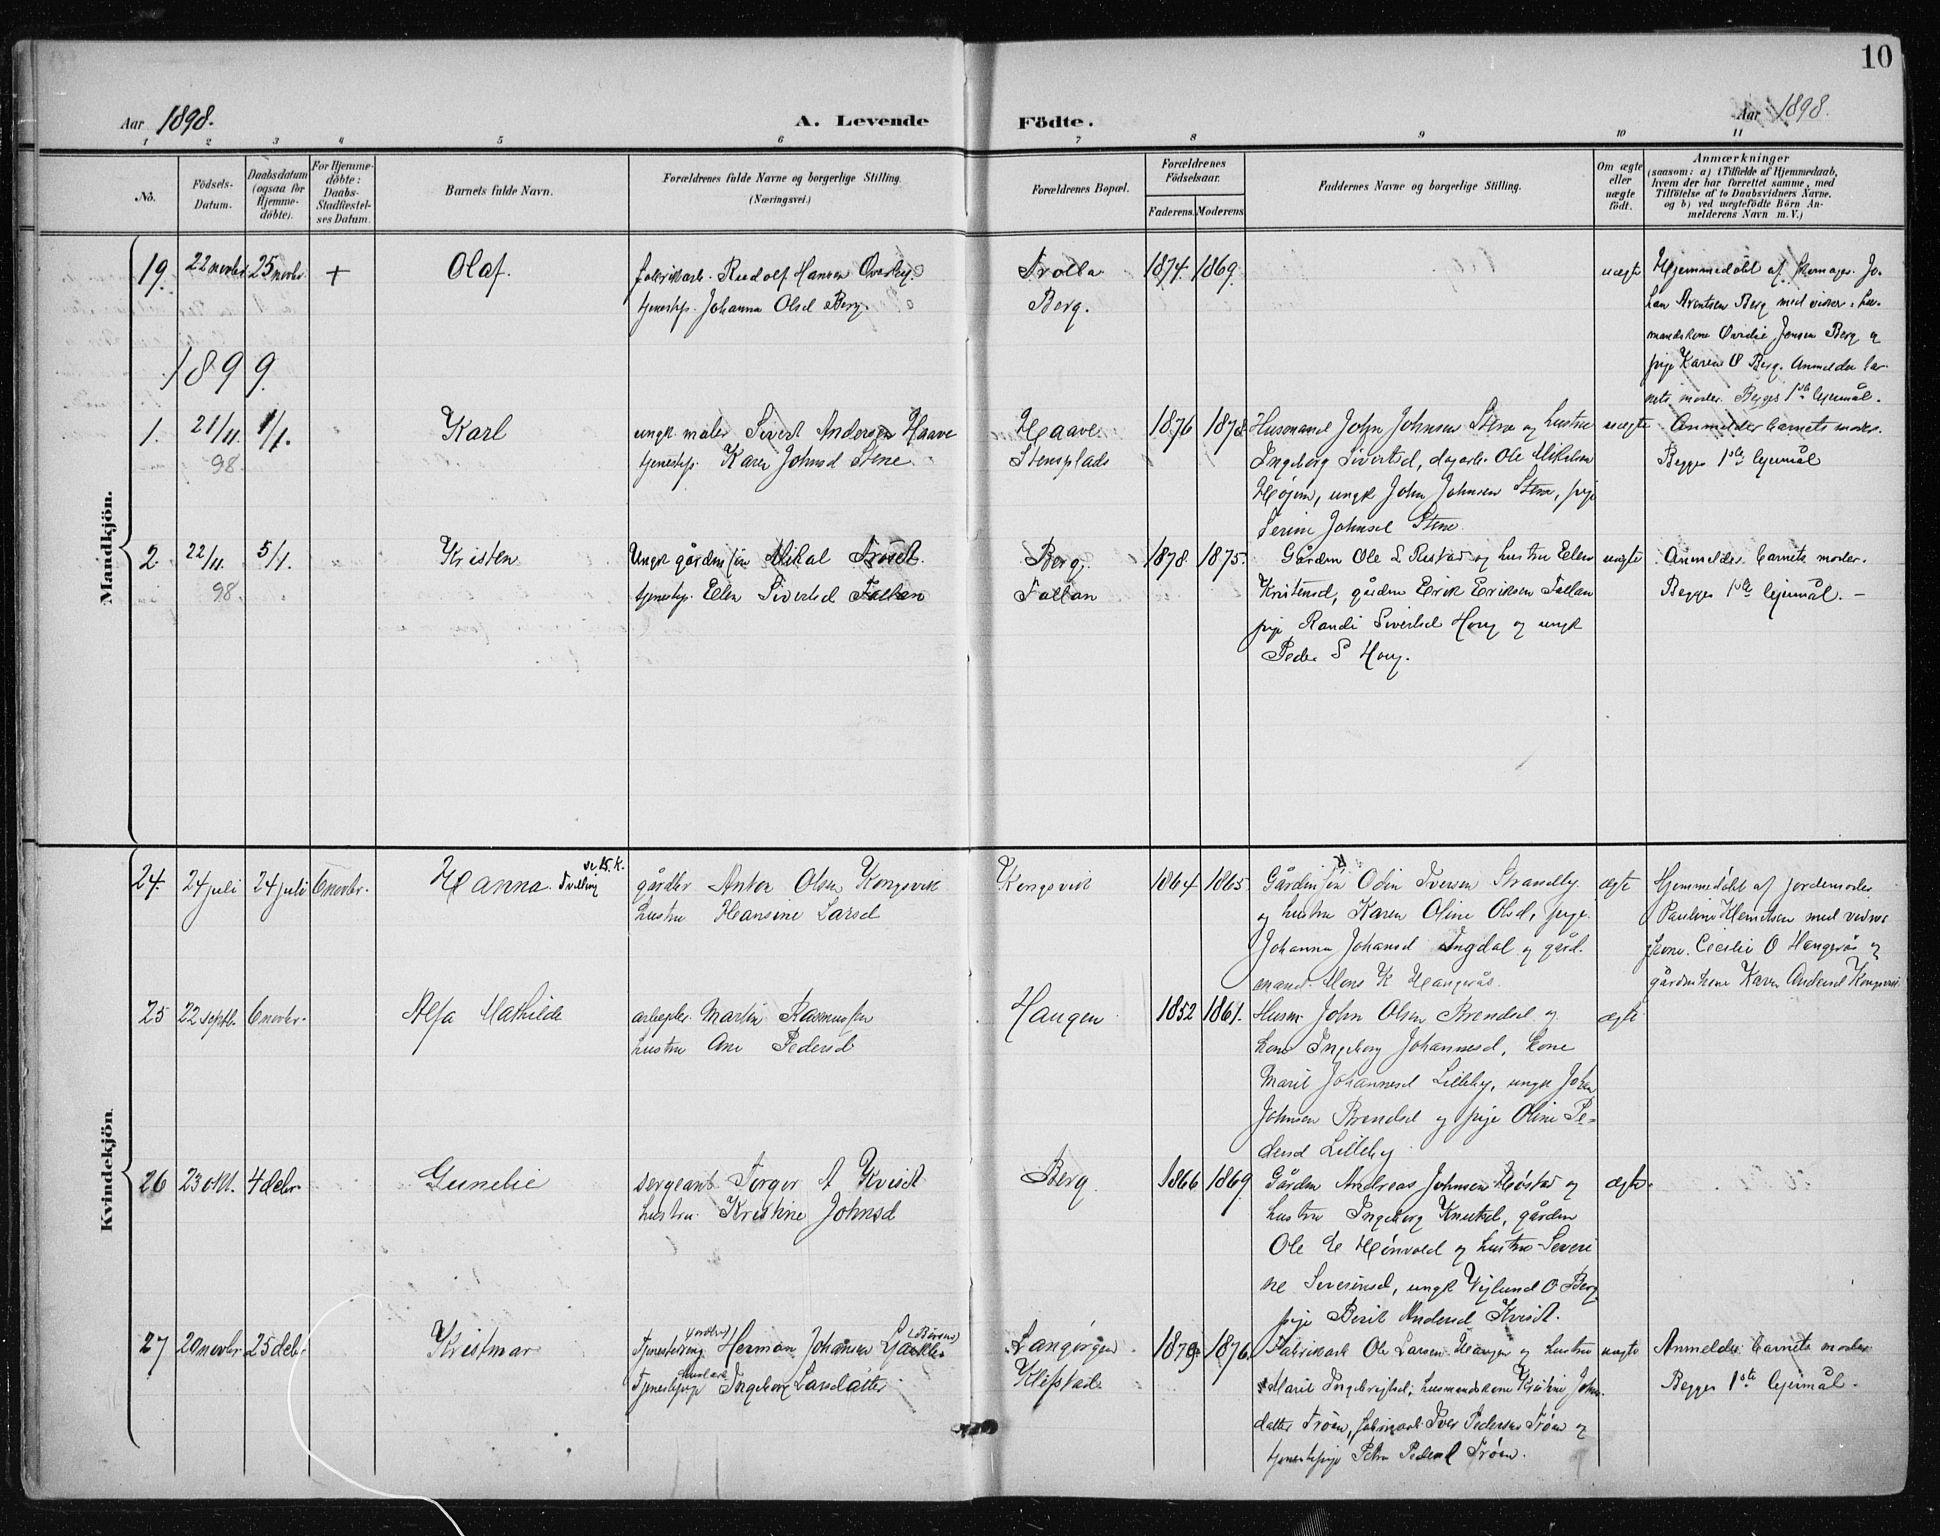 SAT, Ministerialprotokoller, klokkerbøker og fødselsregistre - Sør-Trøndelag, 612/L0380: Ministerialbok nr. 612A12, 1898-1907, s. 10